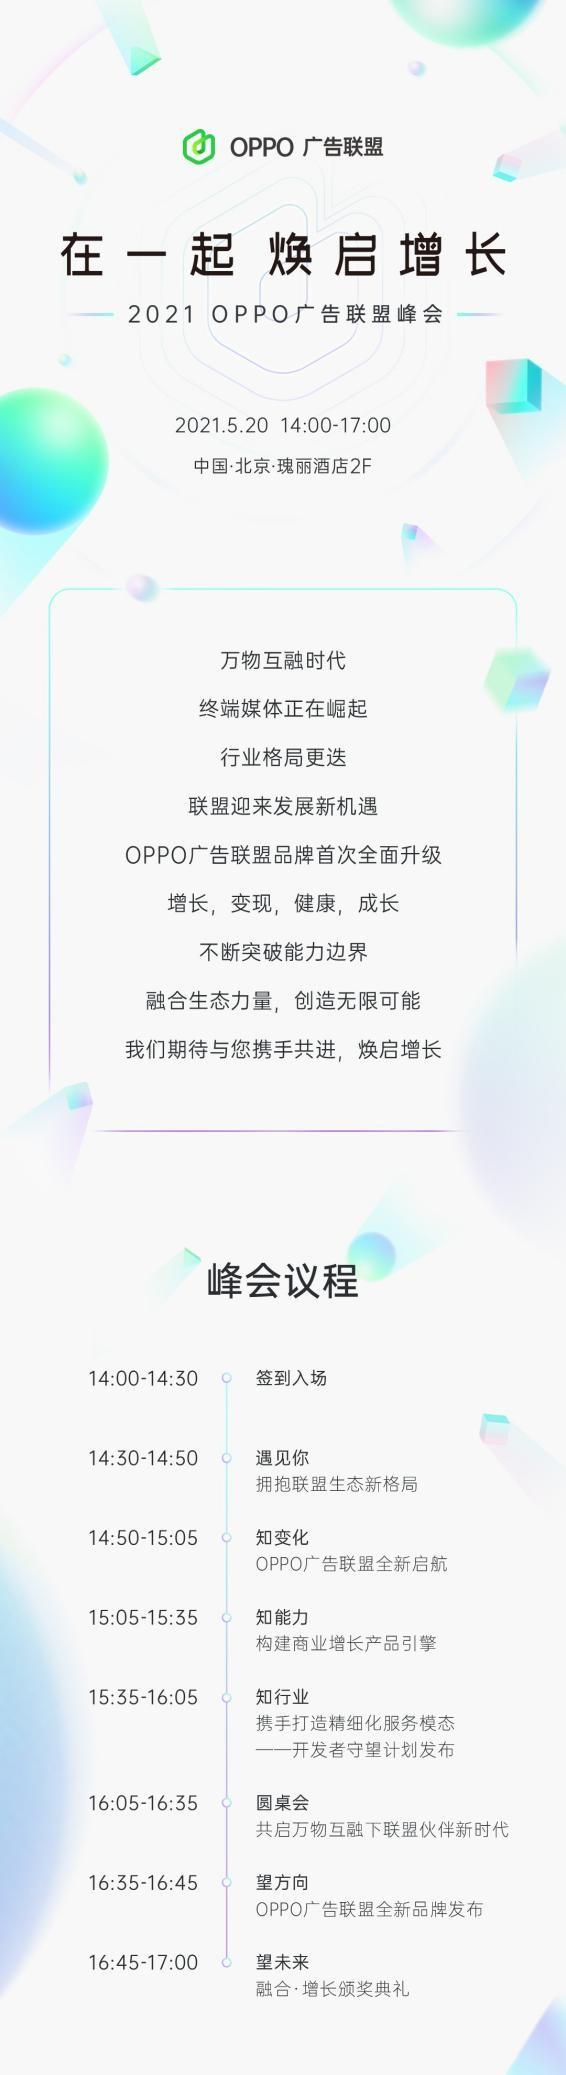 """傲世皇朝专用注册通道 """"在一起,焕启增长""""丨2021 OPPO广告联盟峰会将于5月20日举办"""